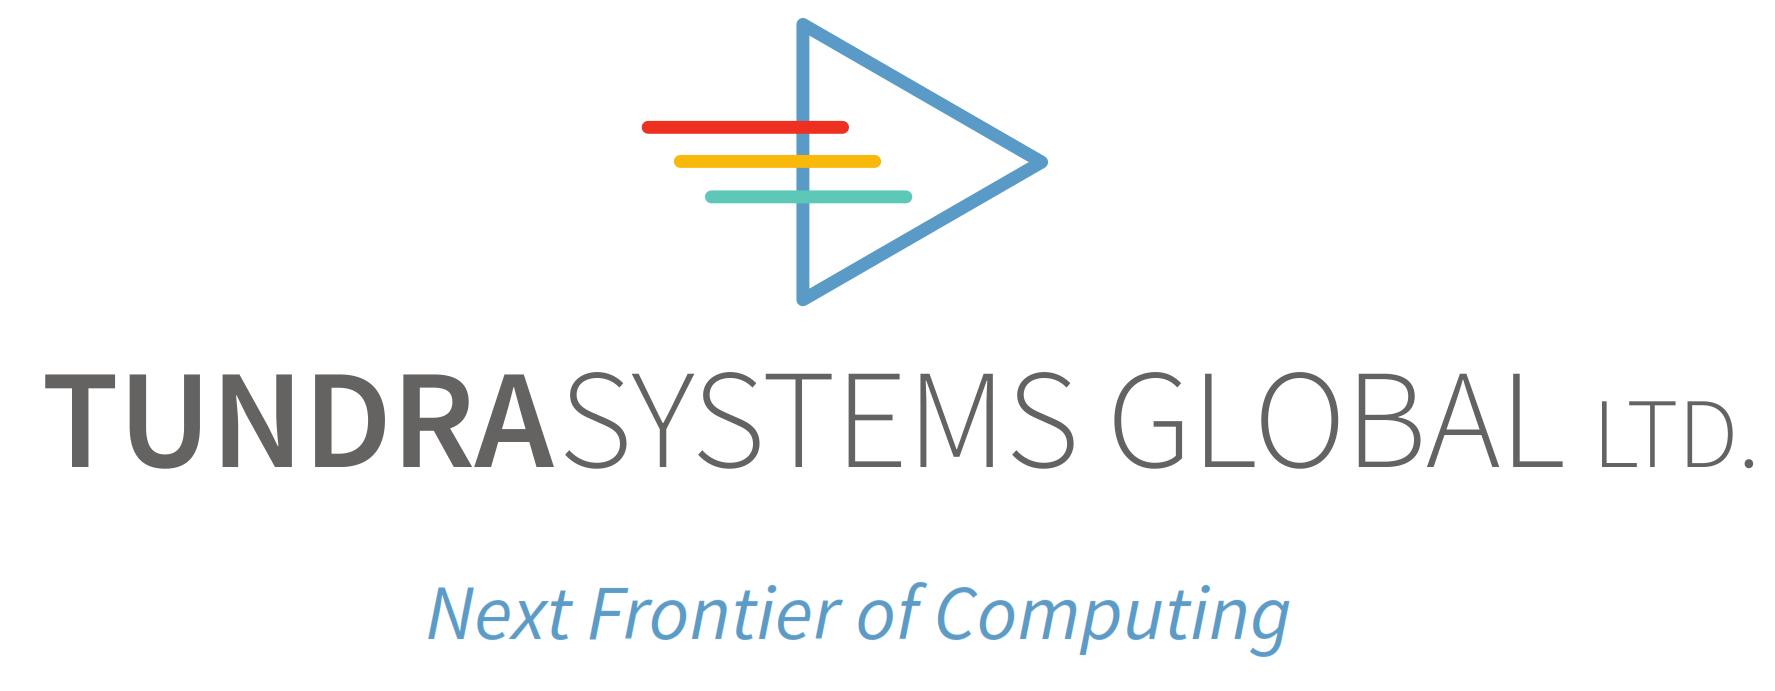 TundraSystems Global company logo